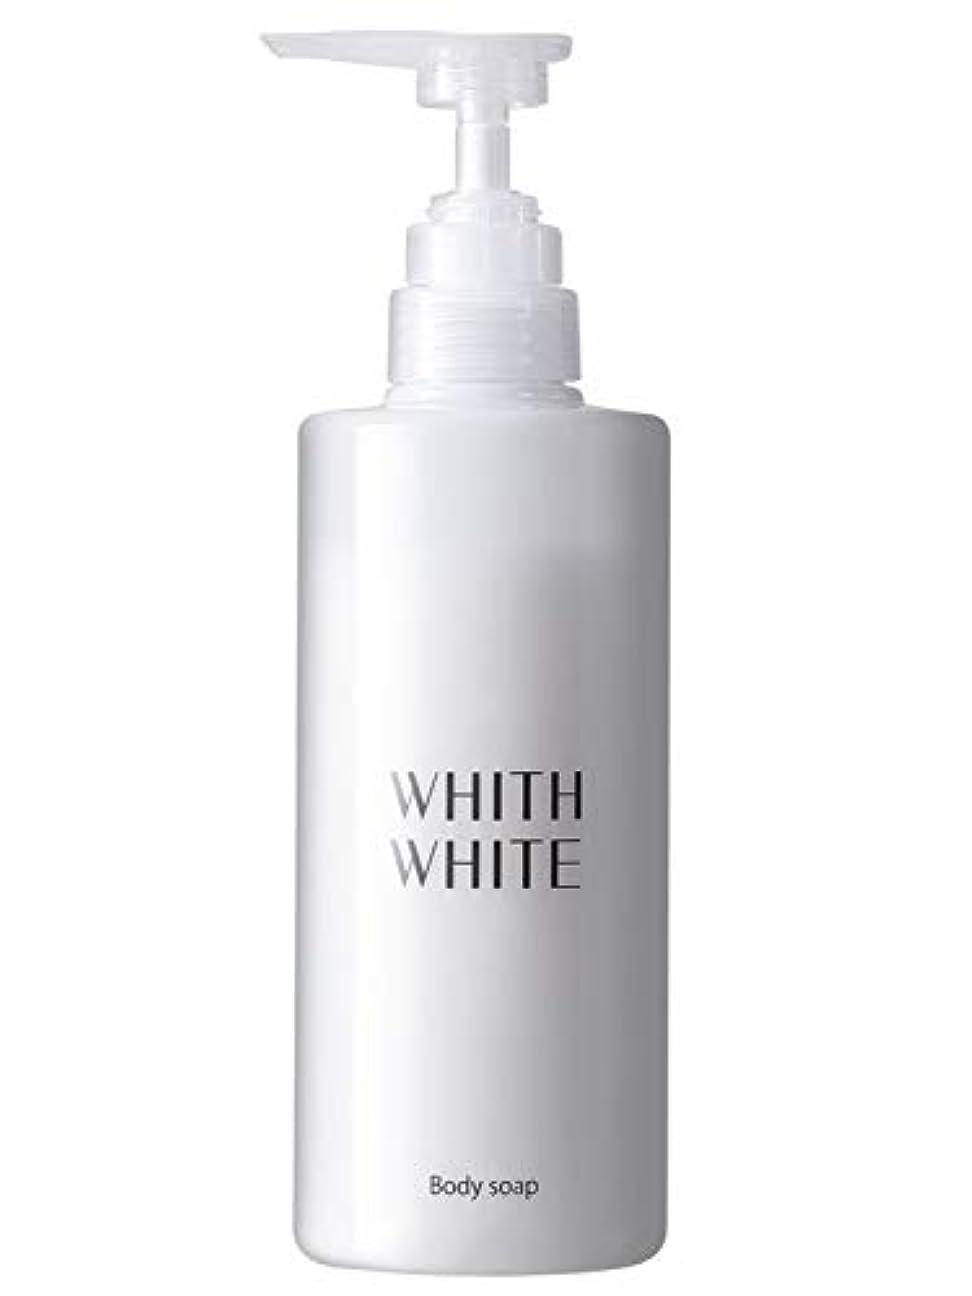 怠感パール変換するフィス ホワイト 無添加 ボディソープ 【 エレガントフローラルのいい香り 】 保湿 ボディーソープ 「 泡で黒ずみ さっぱり ボディシャンプー 」「 ヒアルロン酸 コラーゲン セラミド 配合」450ml